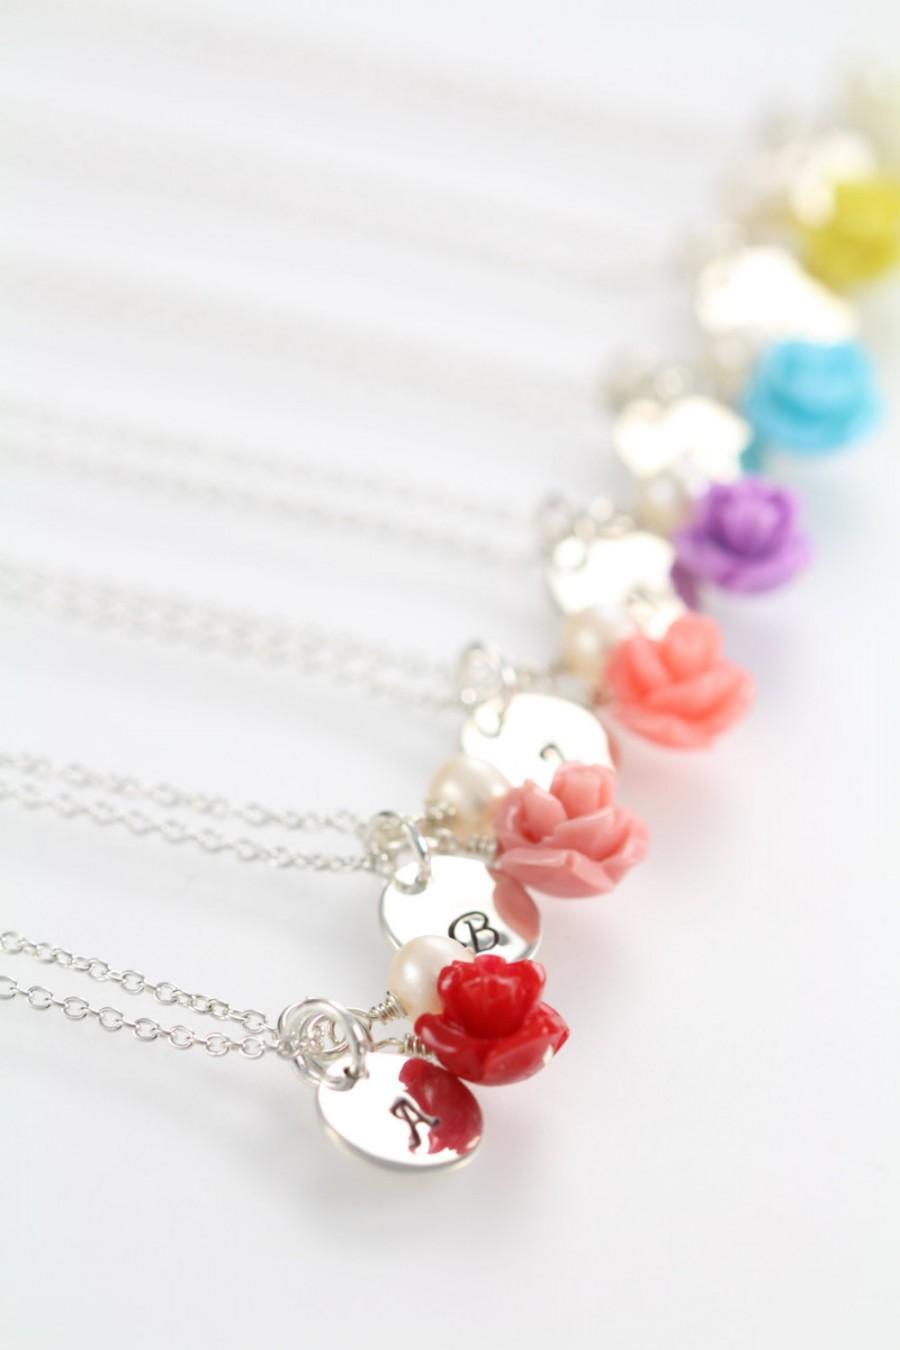 زفاف - Flower Charm Necklace, Personalized Flower Girl Initial Jewelry, 925 Sterling Silver